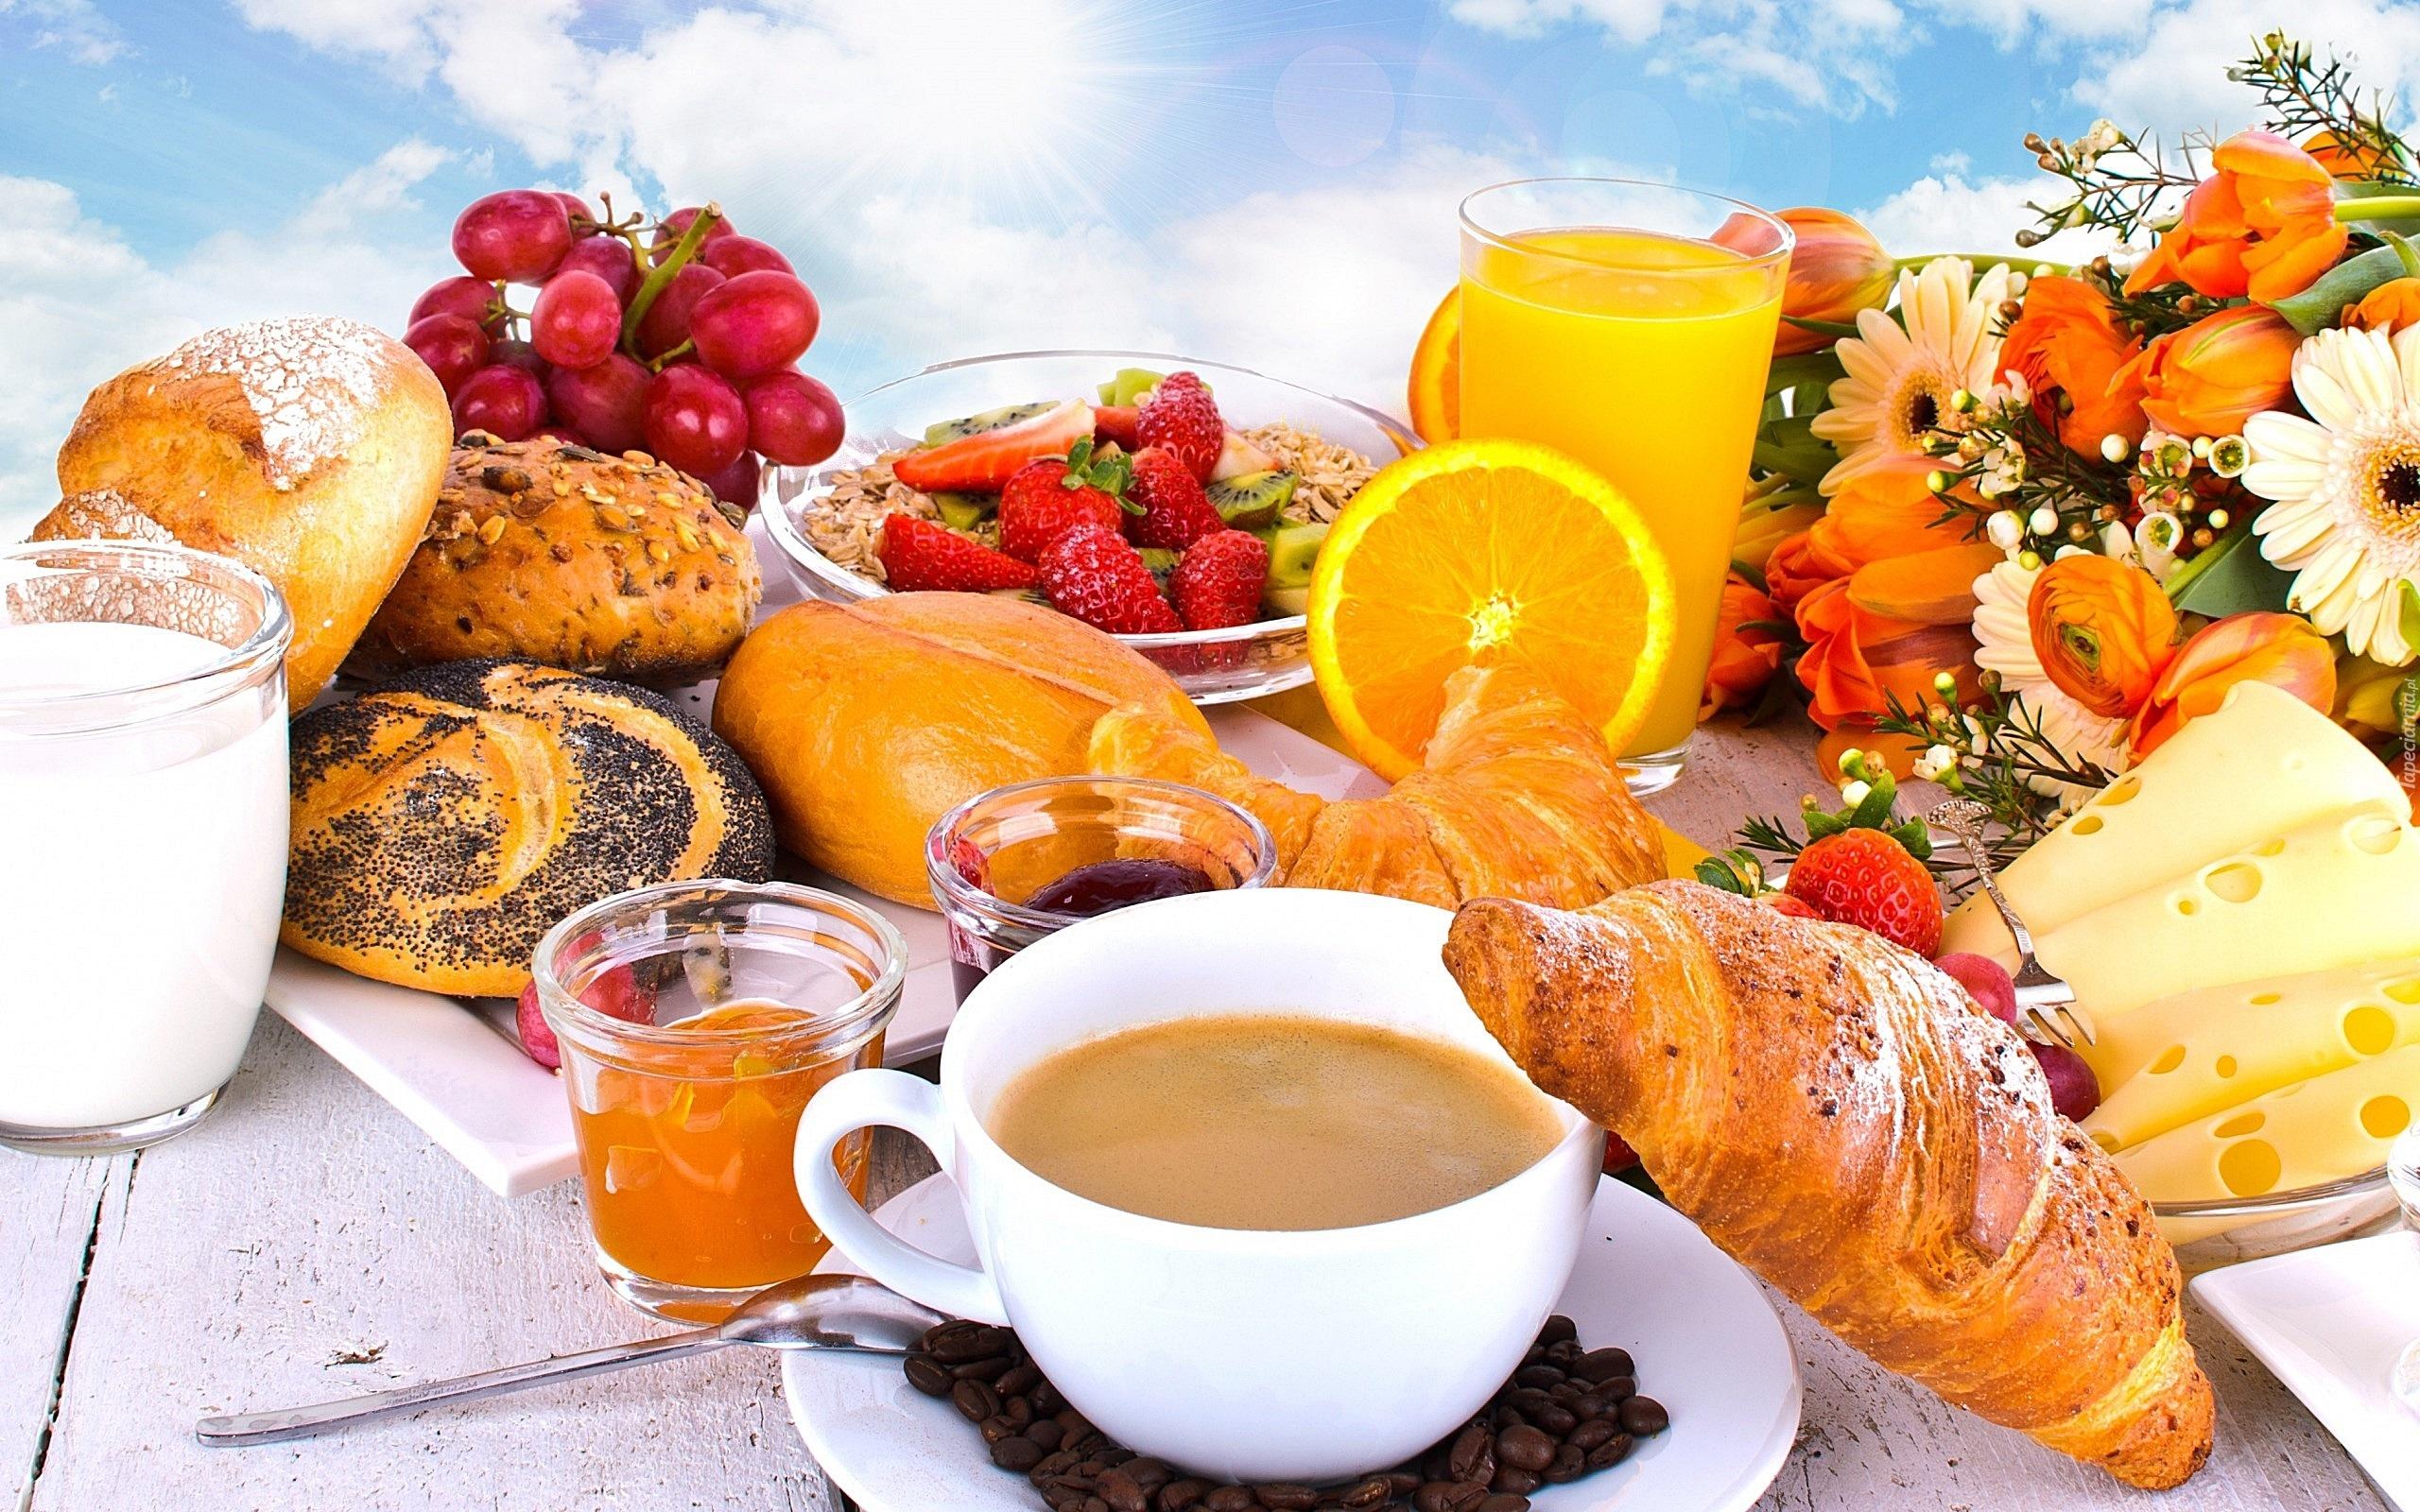 Znalezione obrazy dla zapytania witam śniadankiem